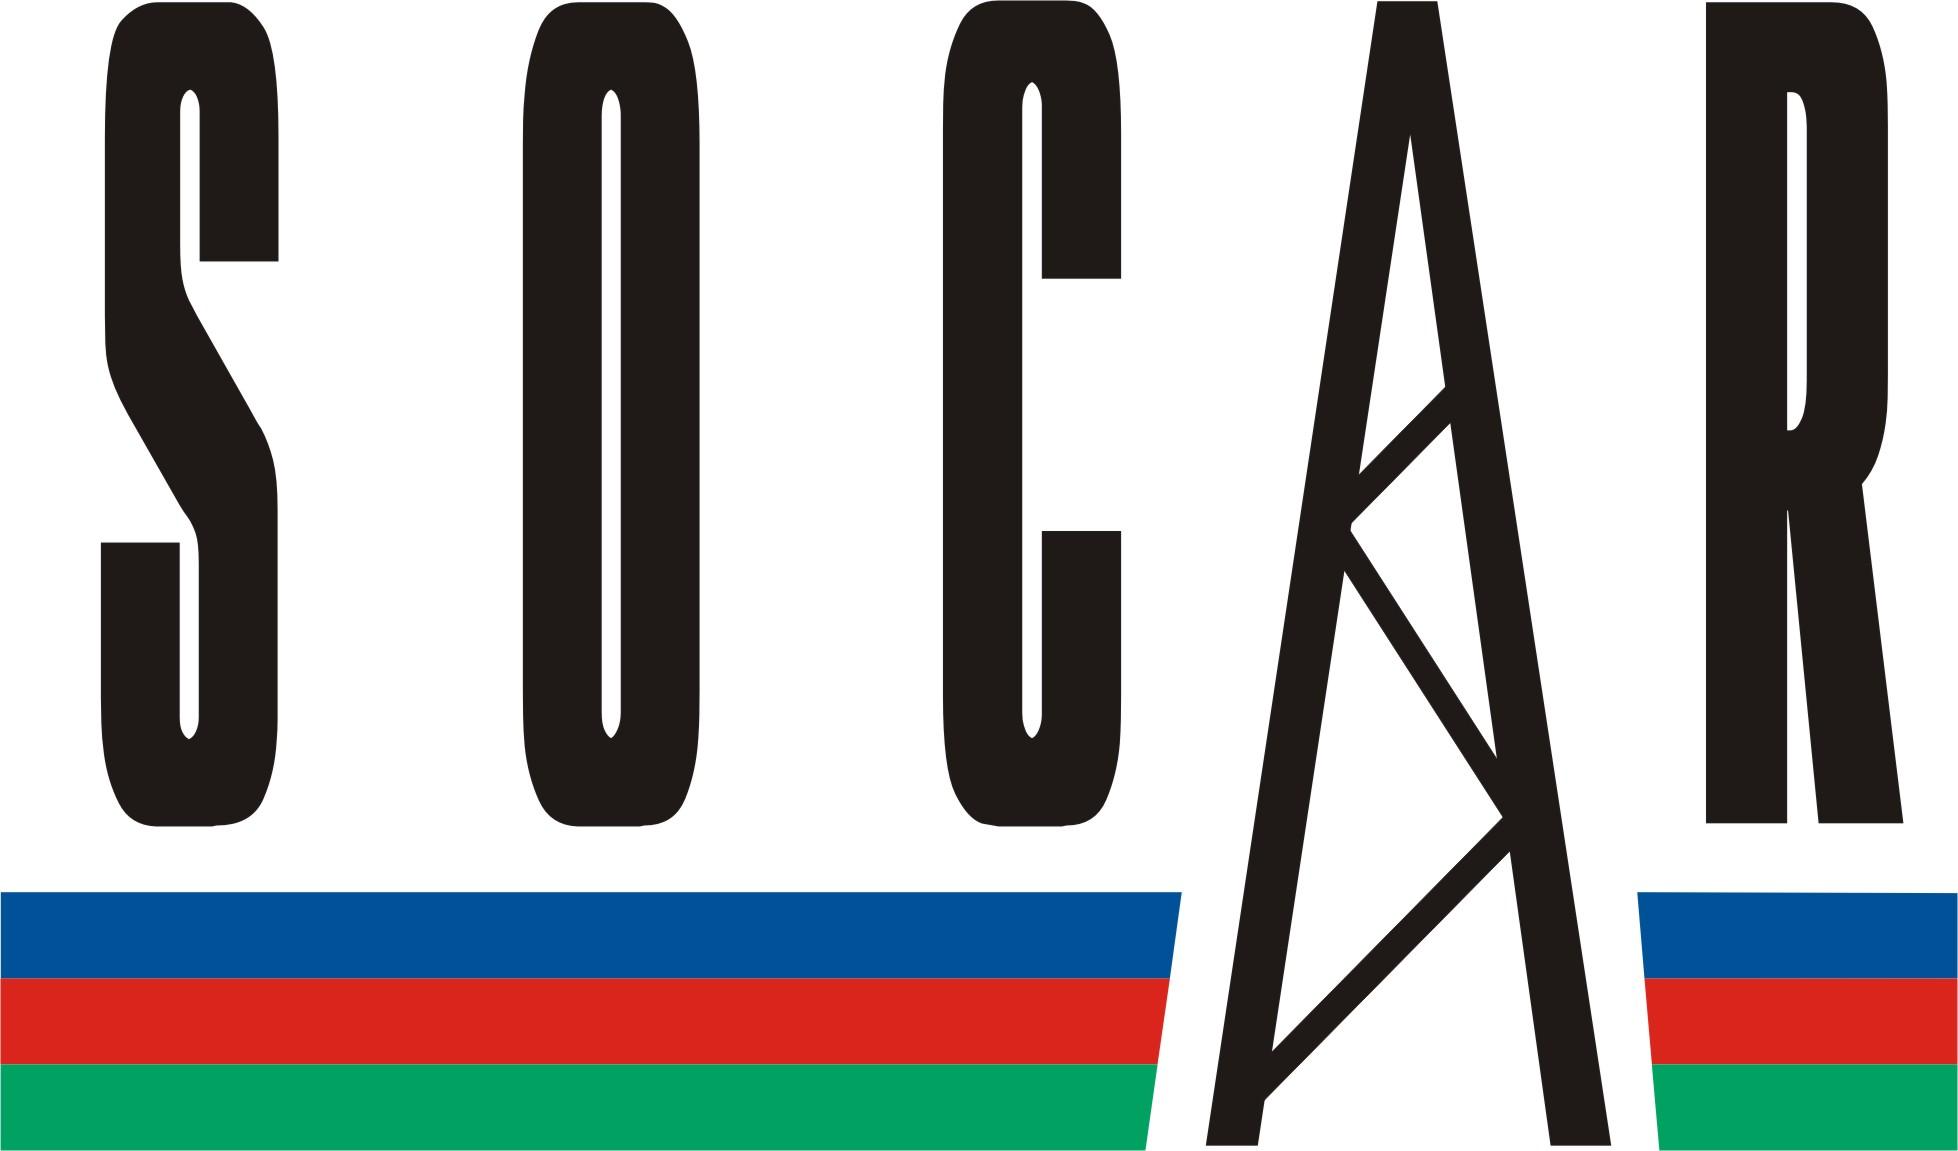 Оглашены сроки получения SOCAR газа из глубоких пластов месторождения Булла Дениз